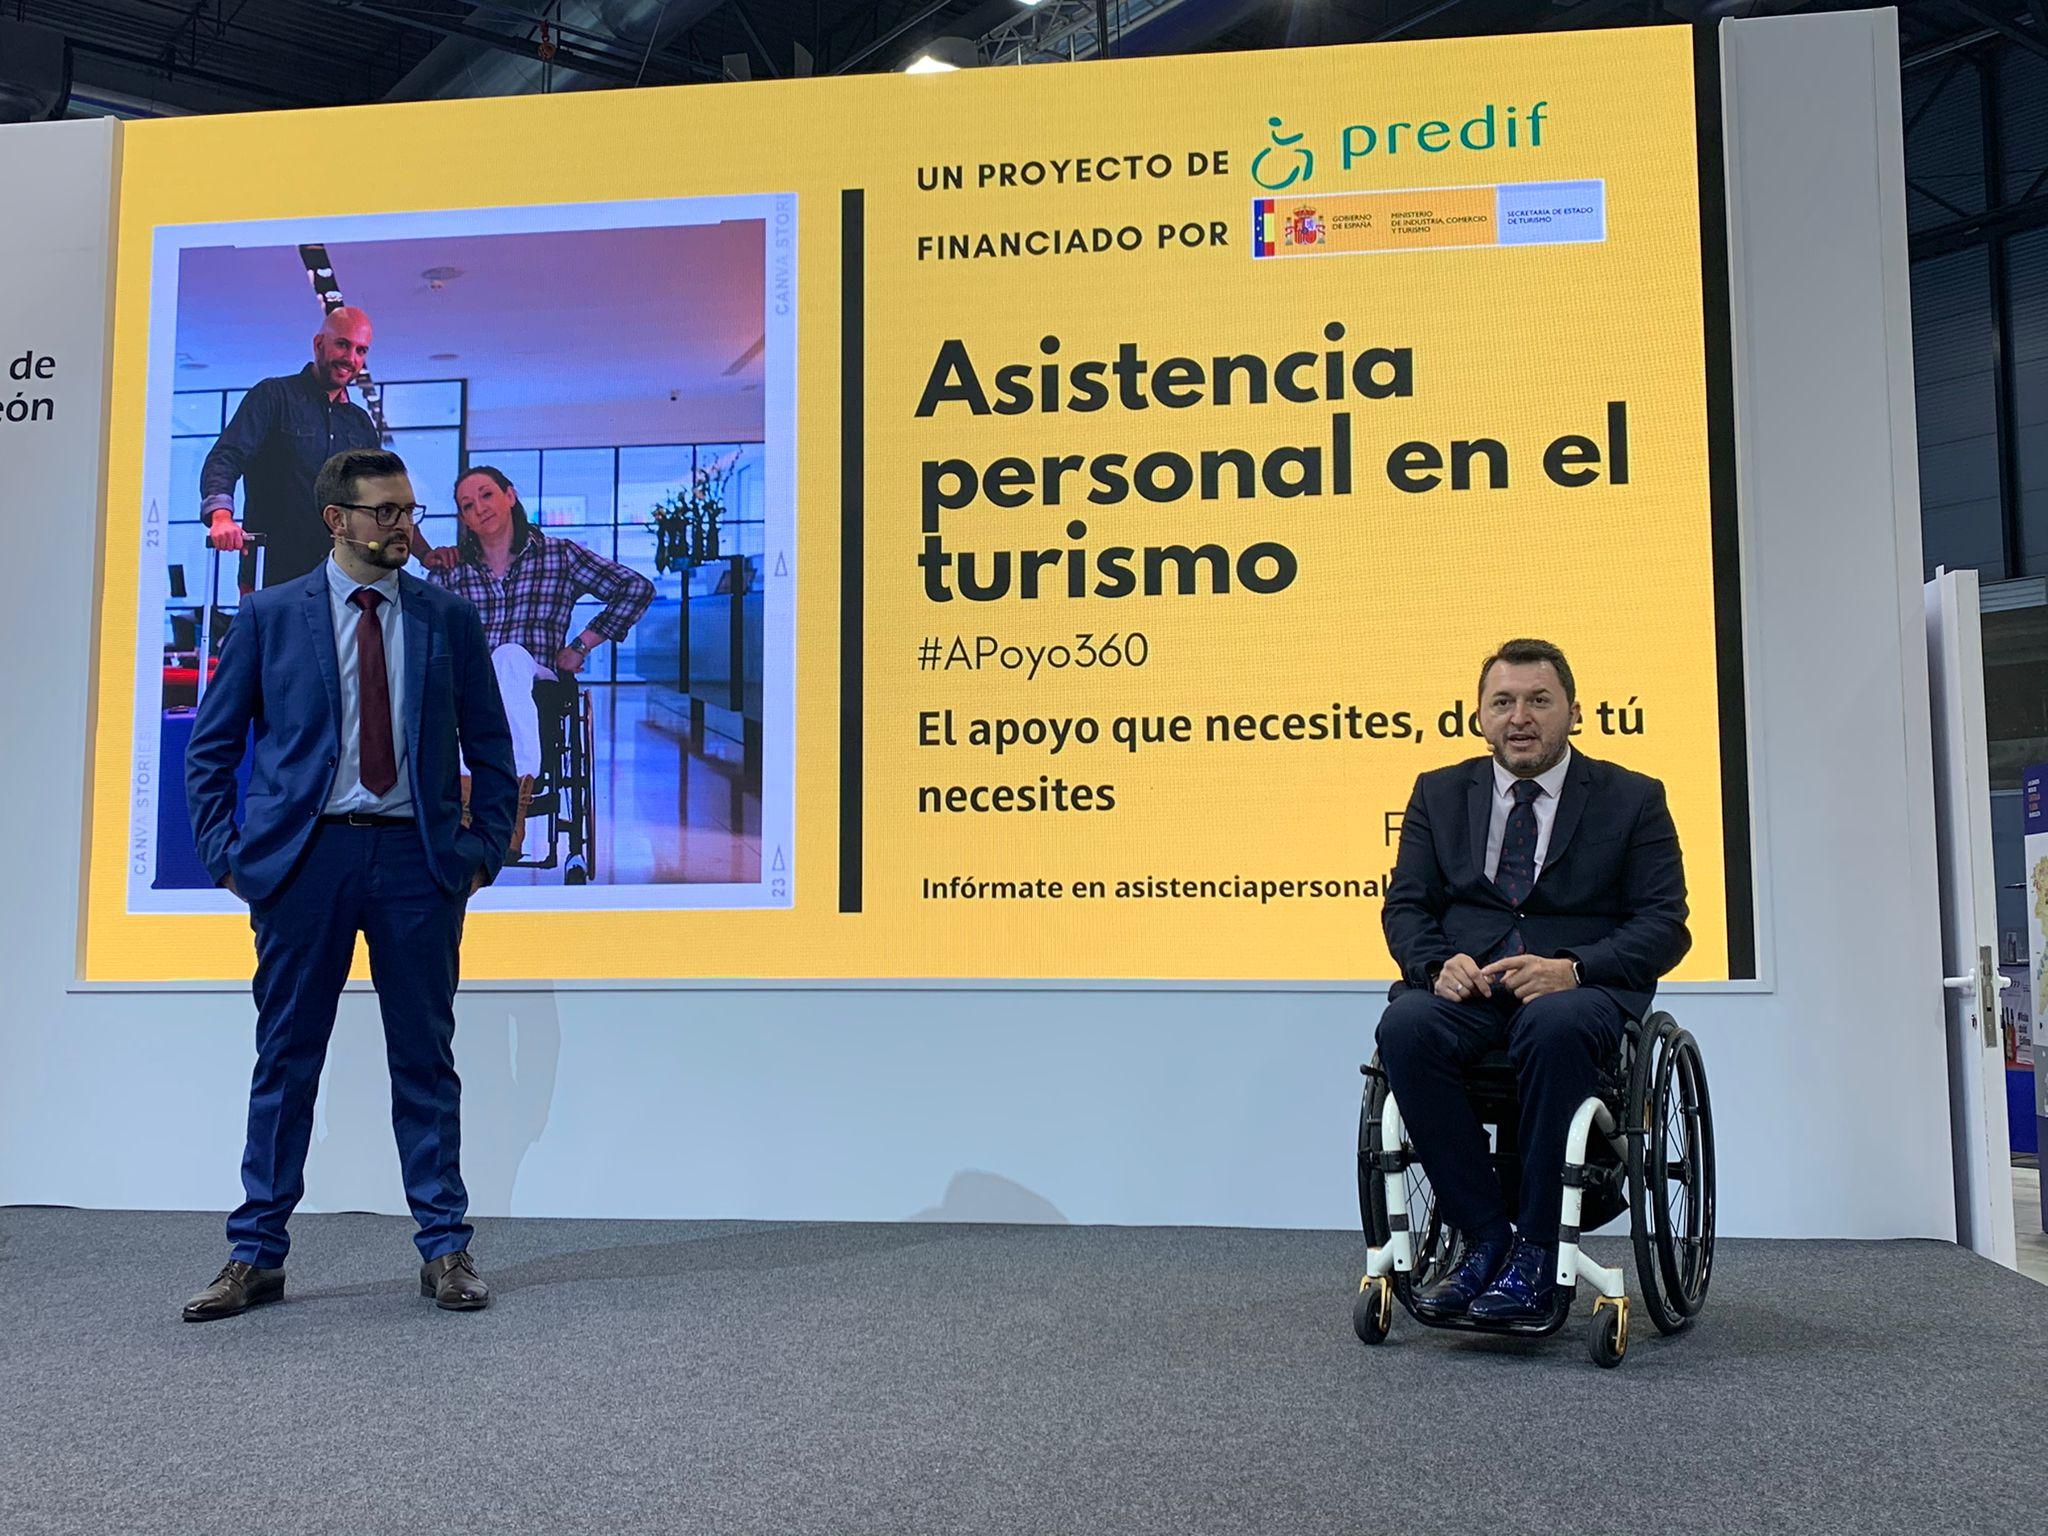 Miguel Carrasco y Francisco Sardón en la presentación del proyecto de asistencia personal en el turismo